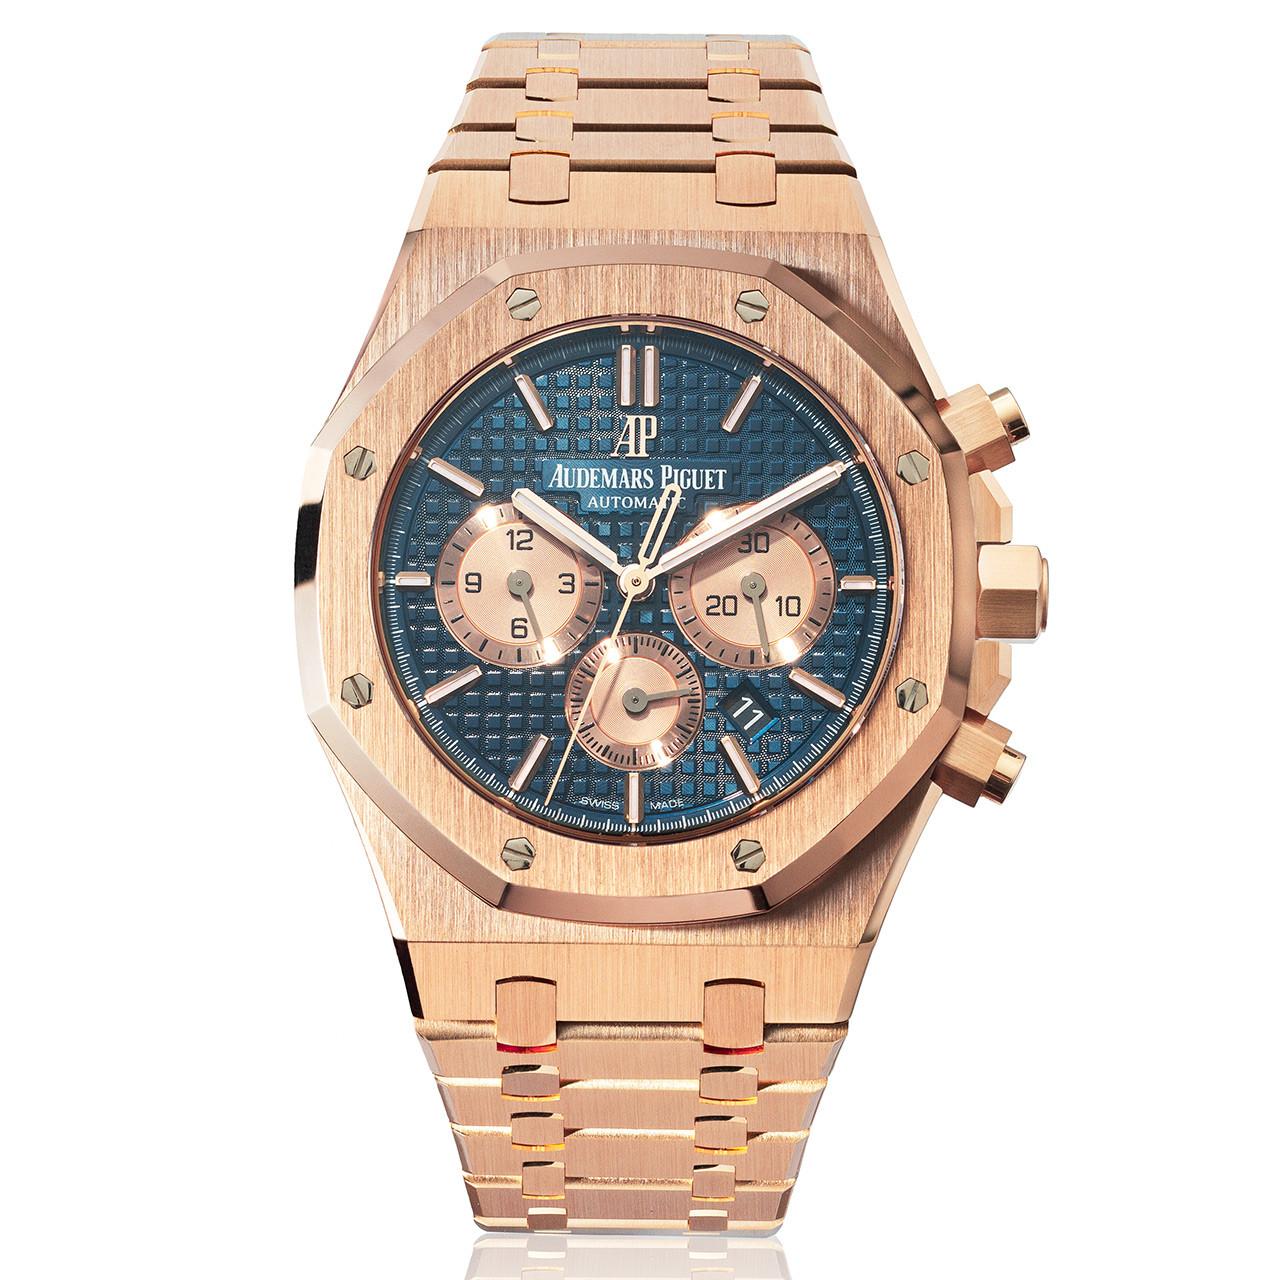 Audemars Piguet Royal Oak Chronograph Automatic Men S Watch